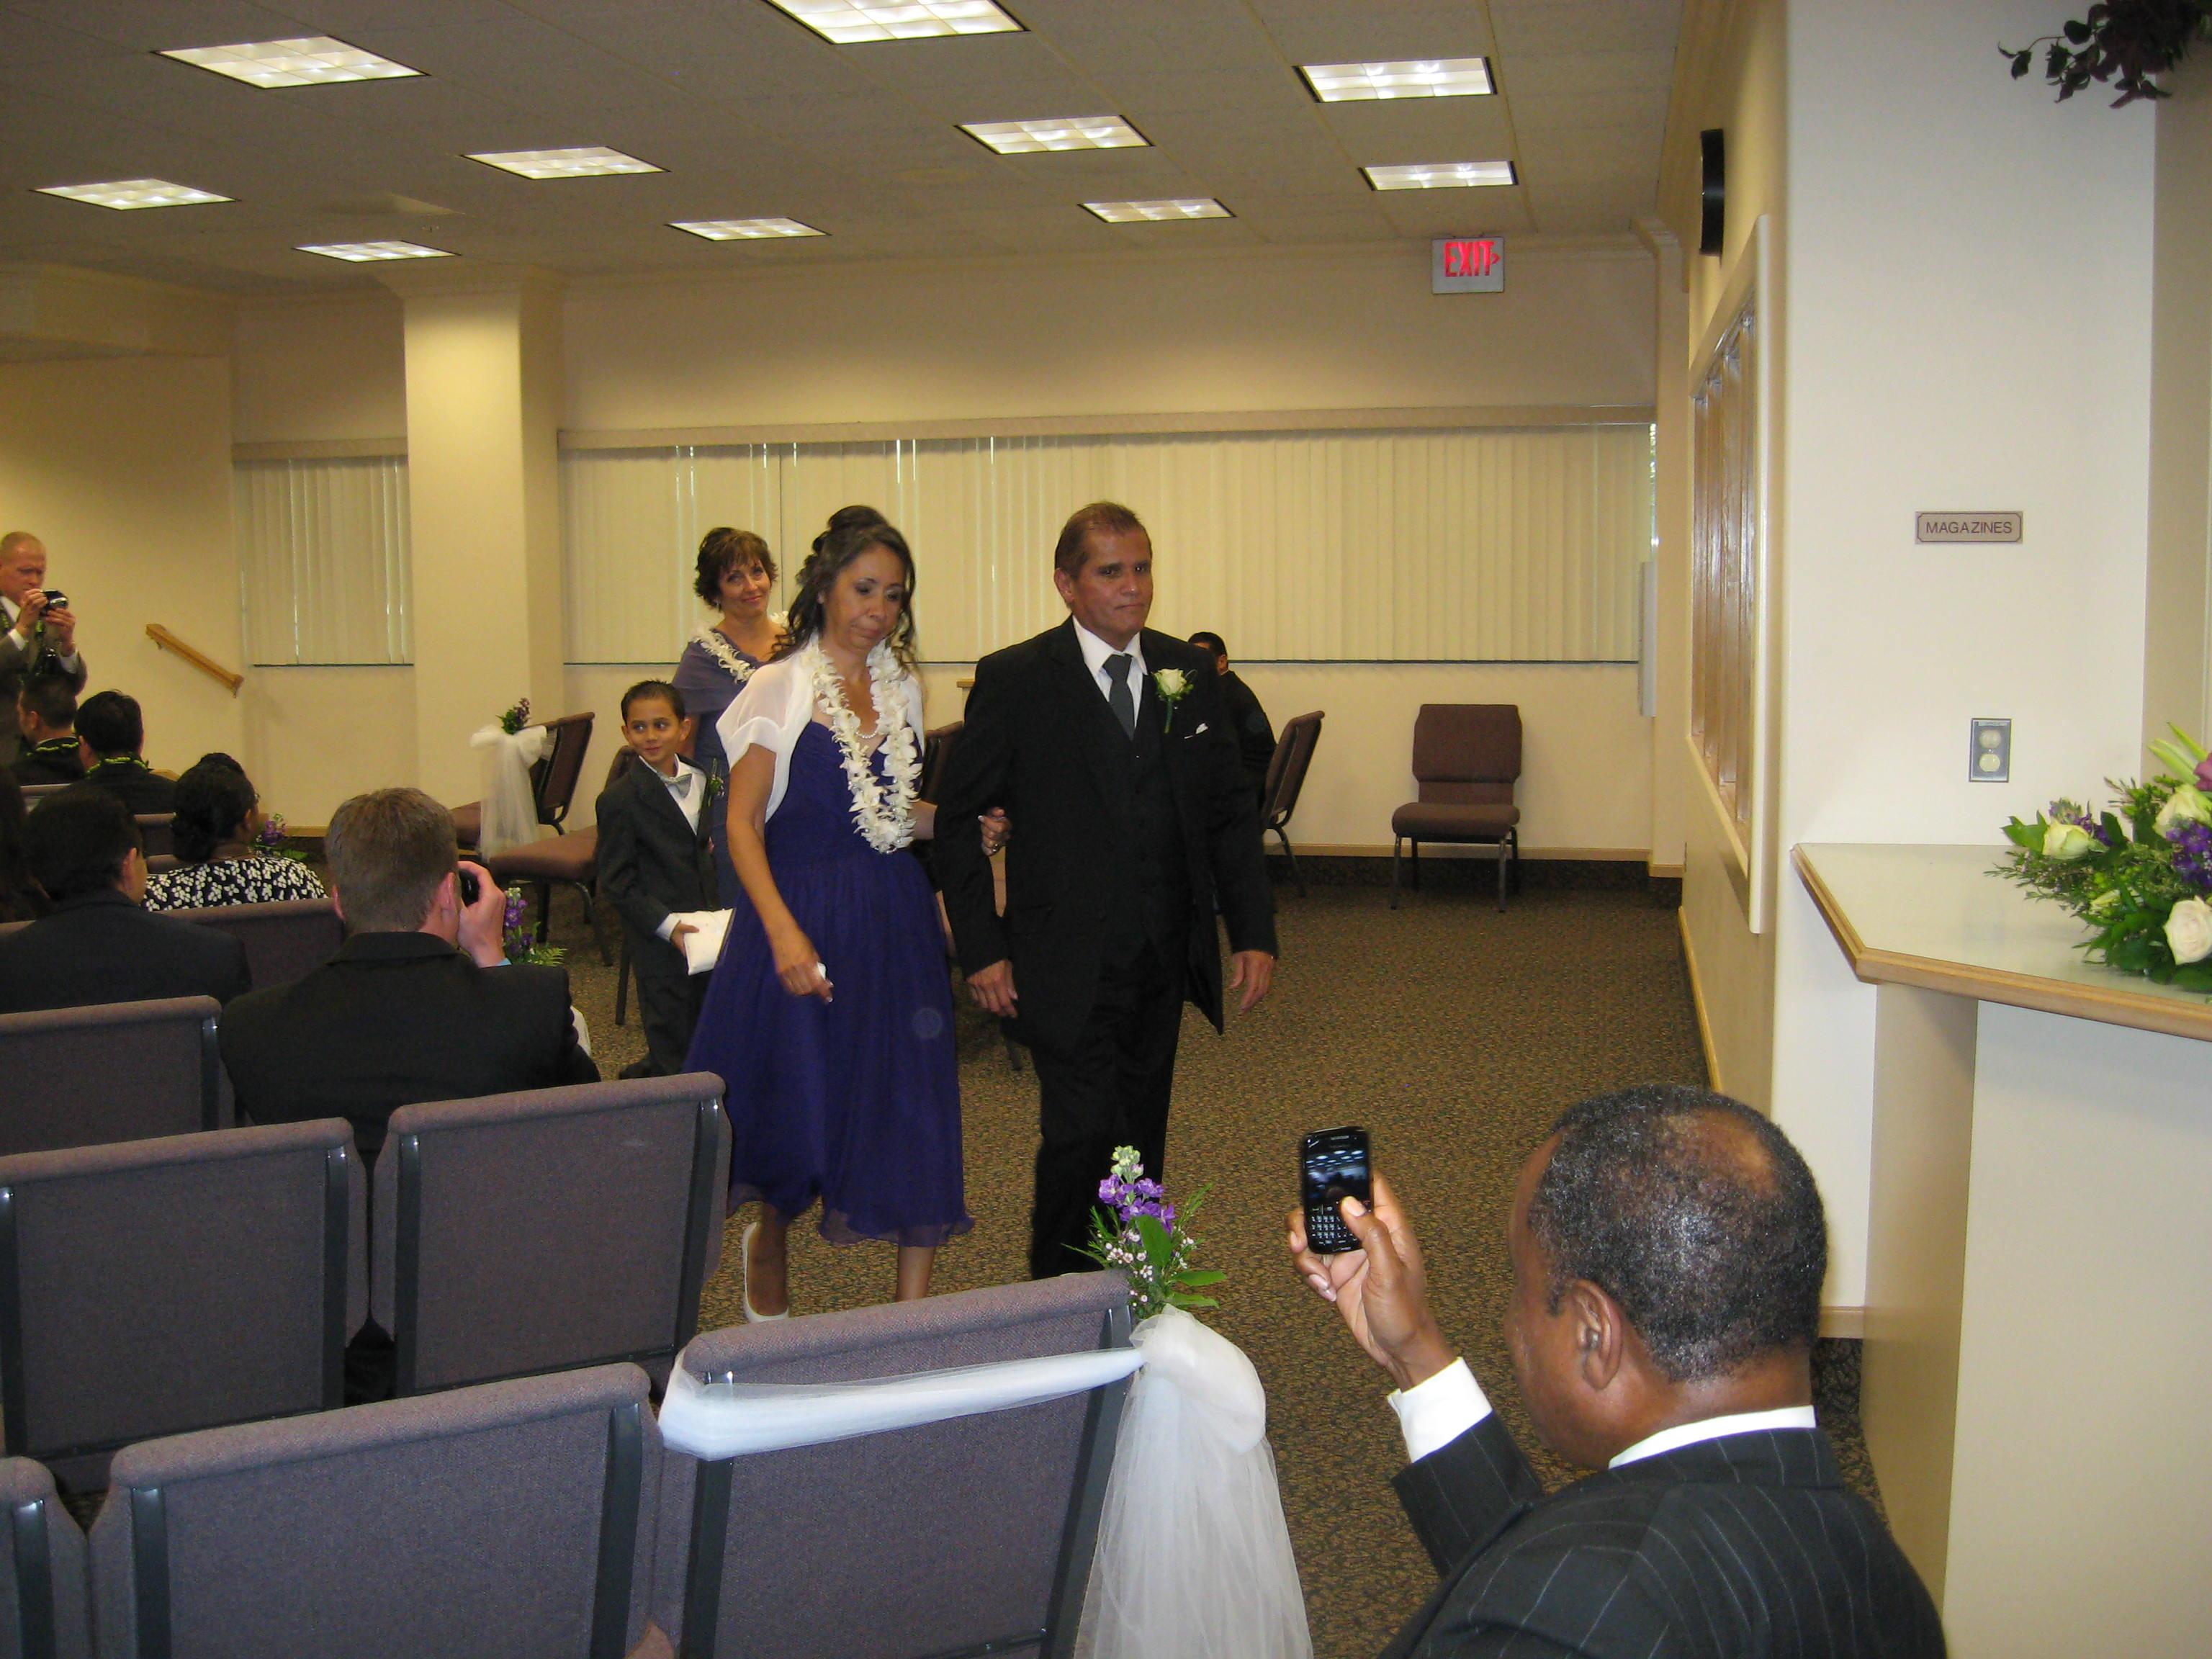 Darmowe Zdjęcia Hawaje ślub Ciasto Ceremonia Creativecommons